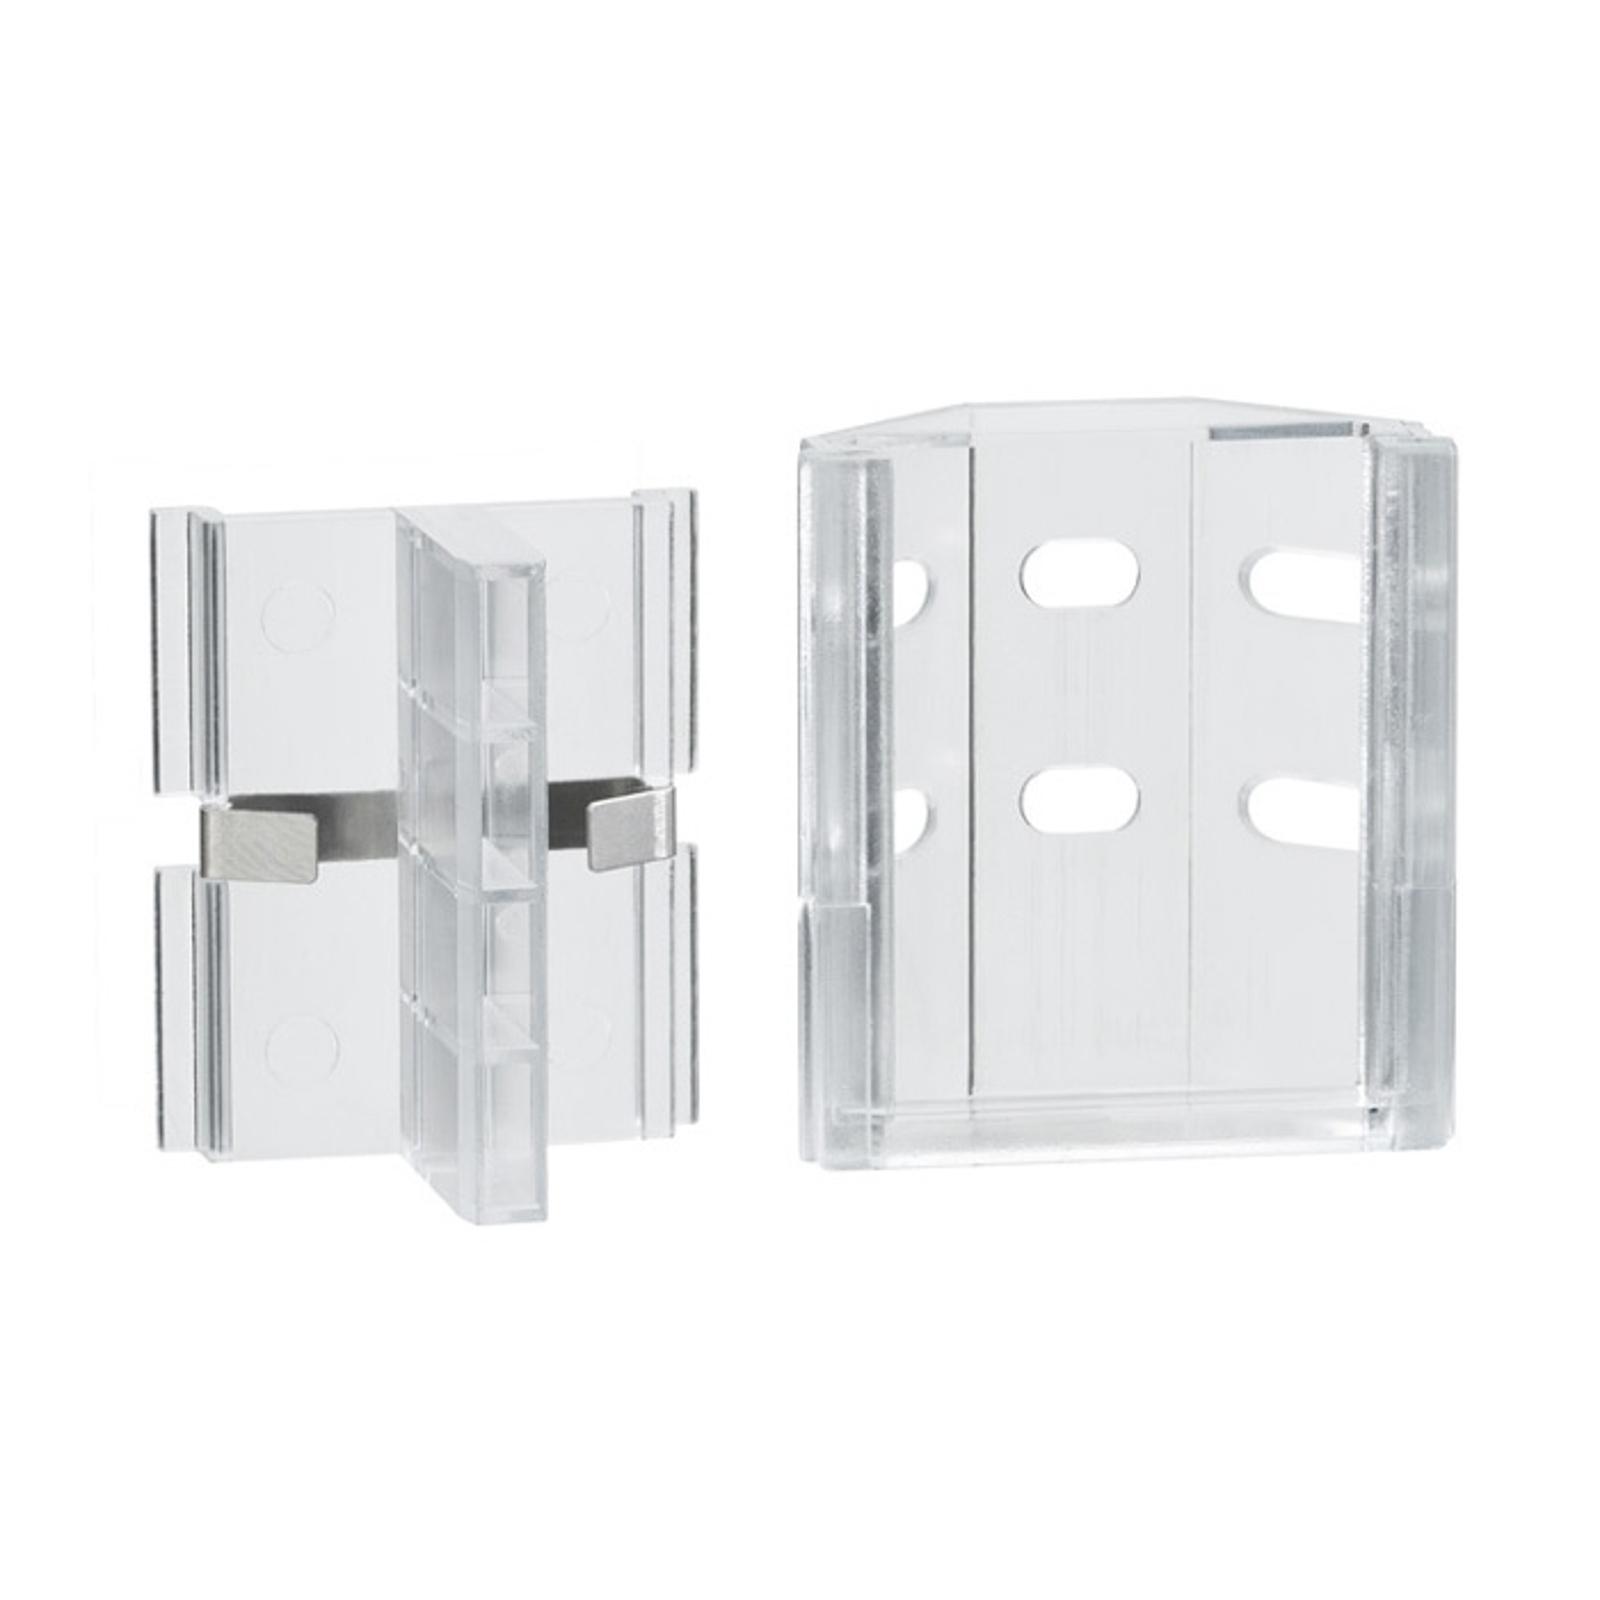 Support d'angle pour bandeau à LED Duo Profil